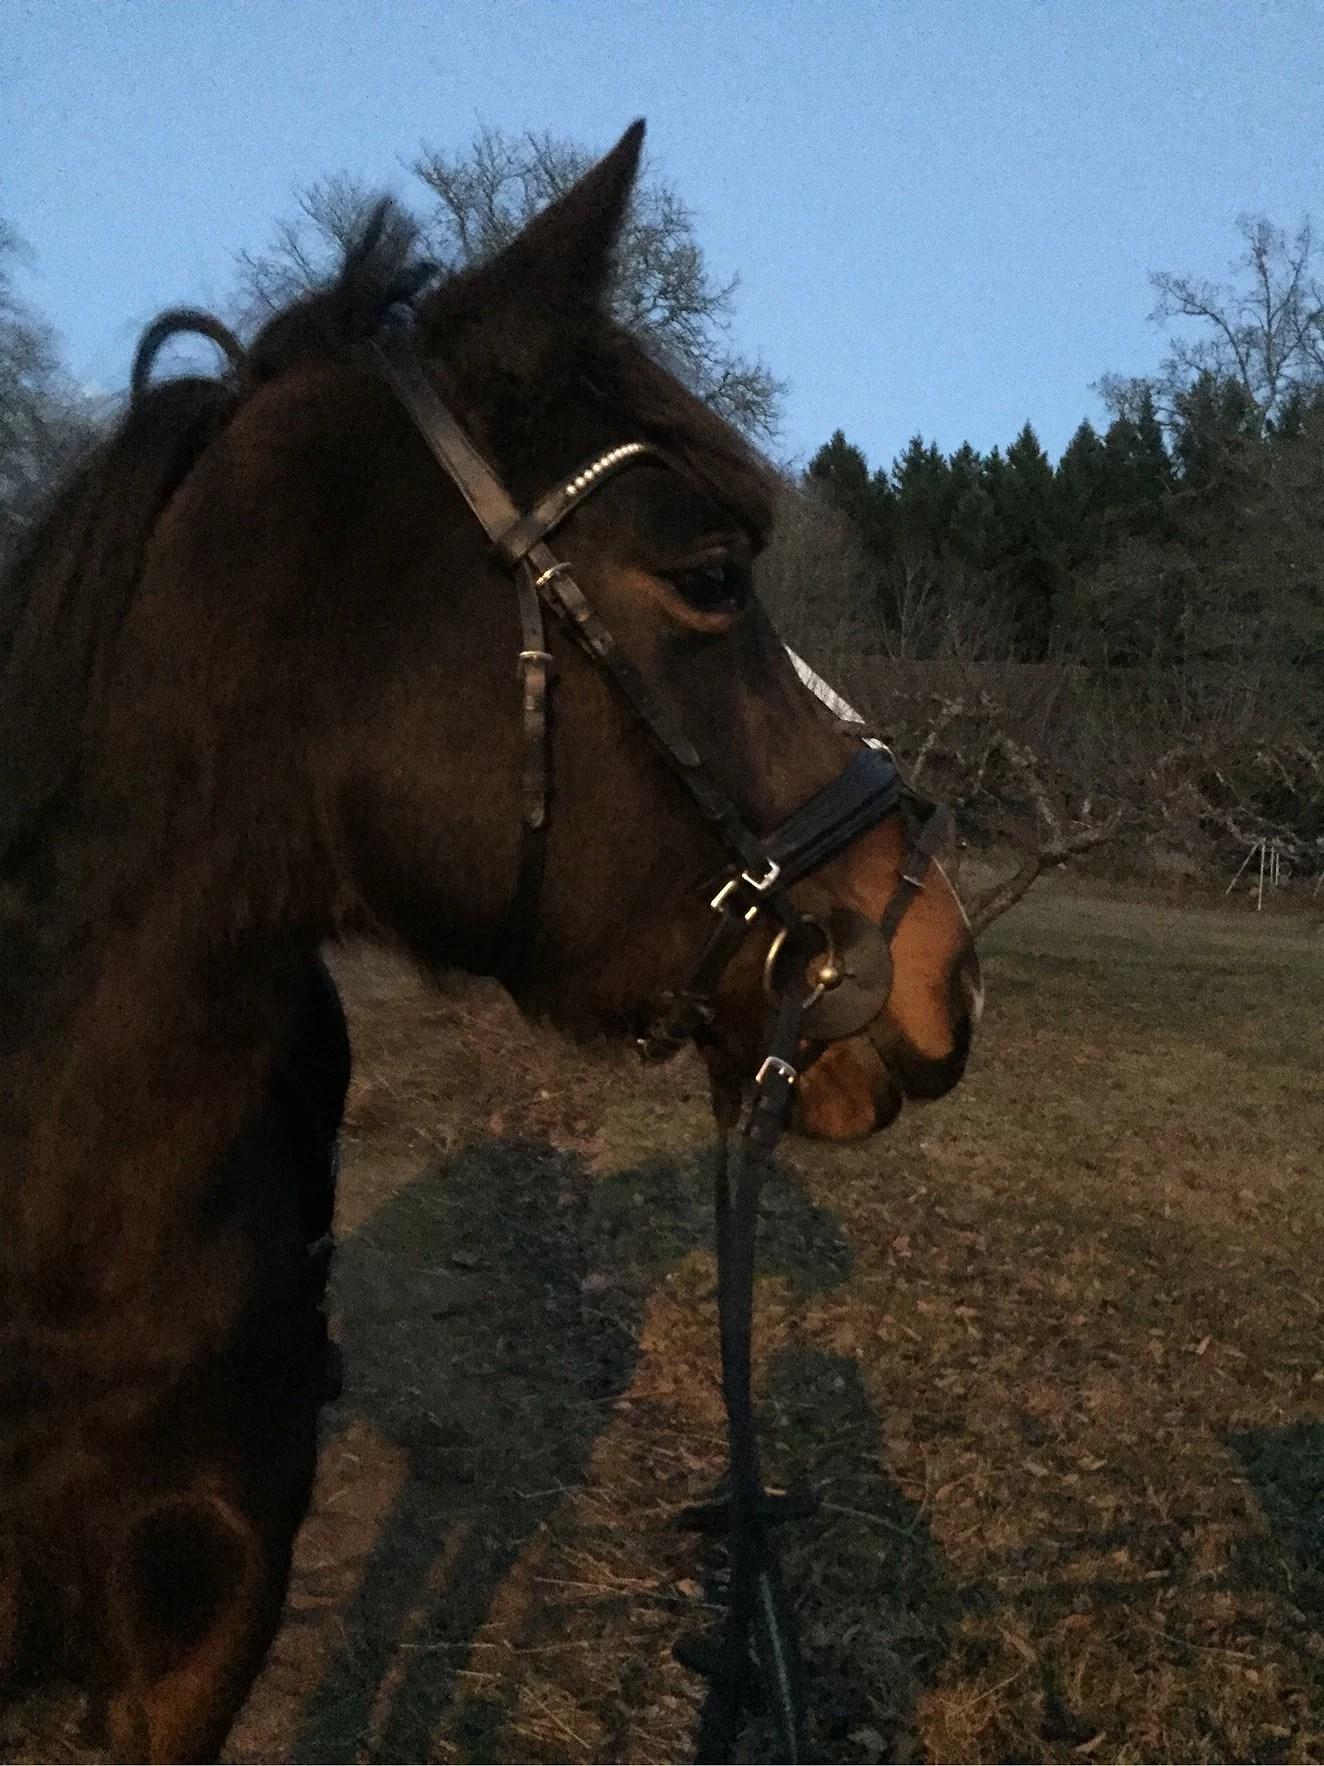 Daltar vi med hästarna?